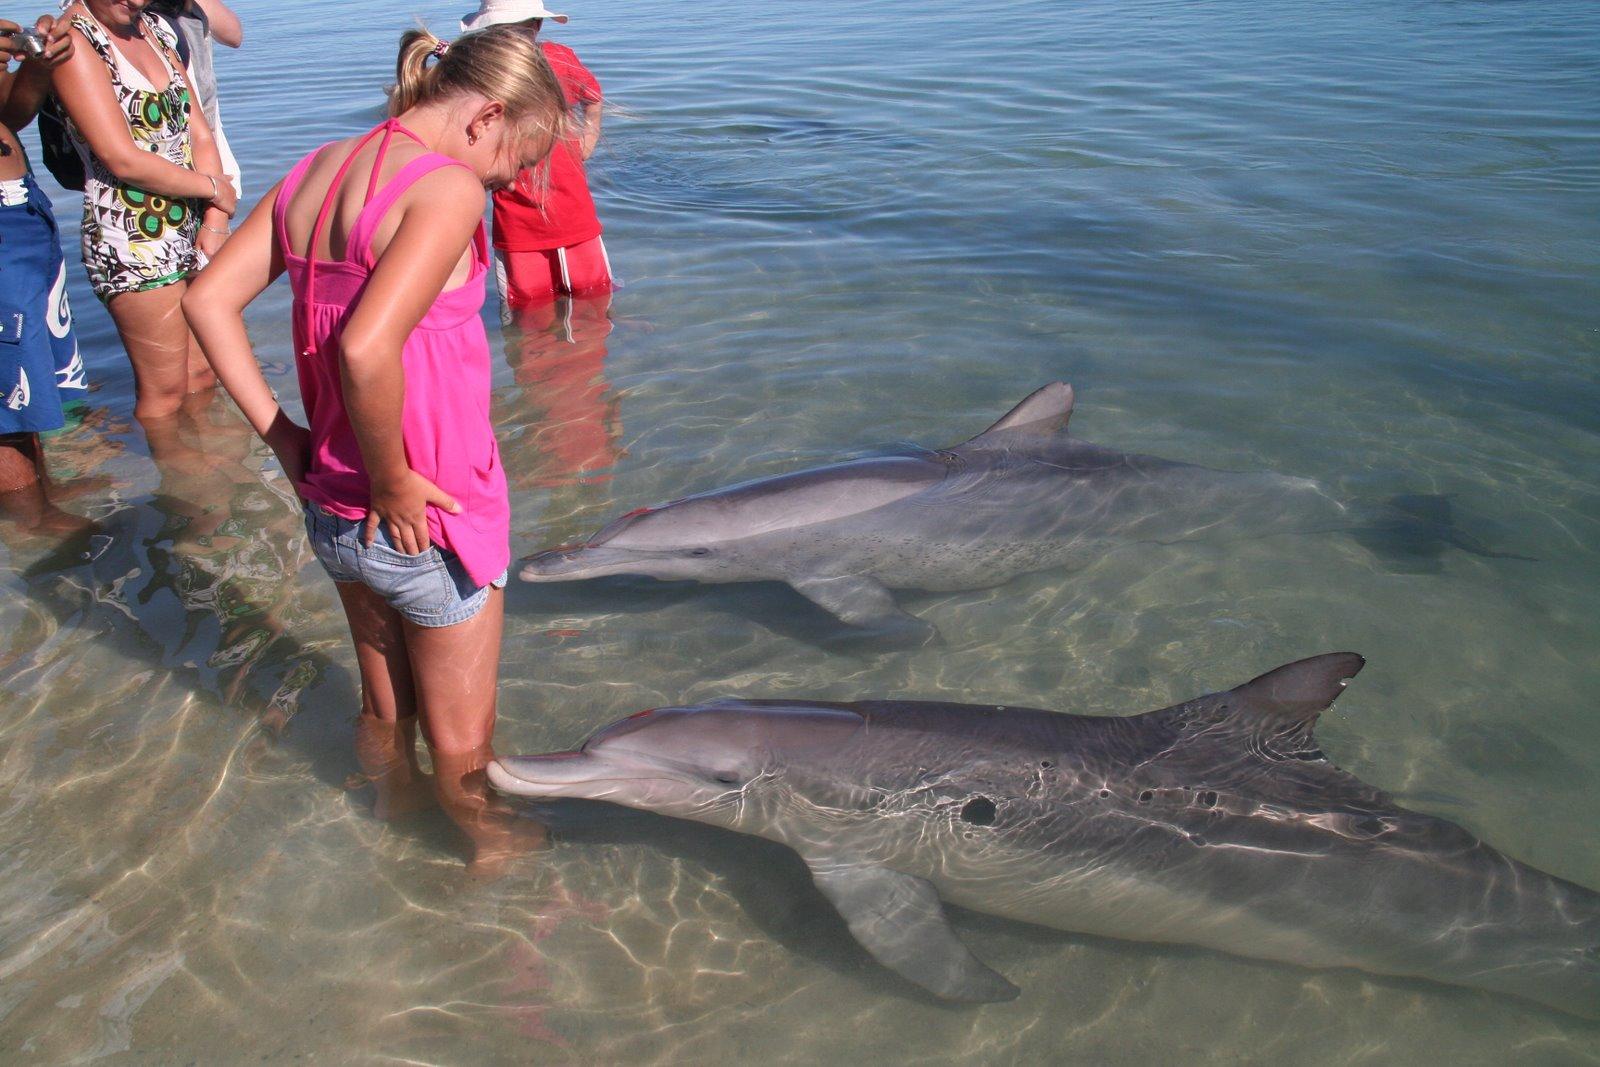 К чему снится дельфин в море гладить его